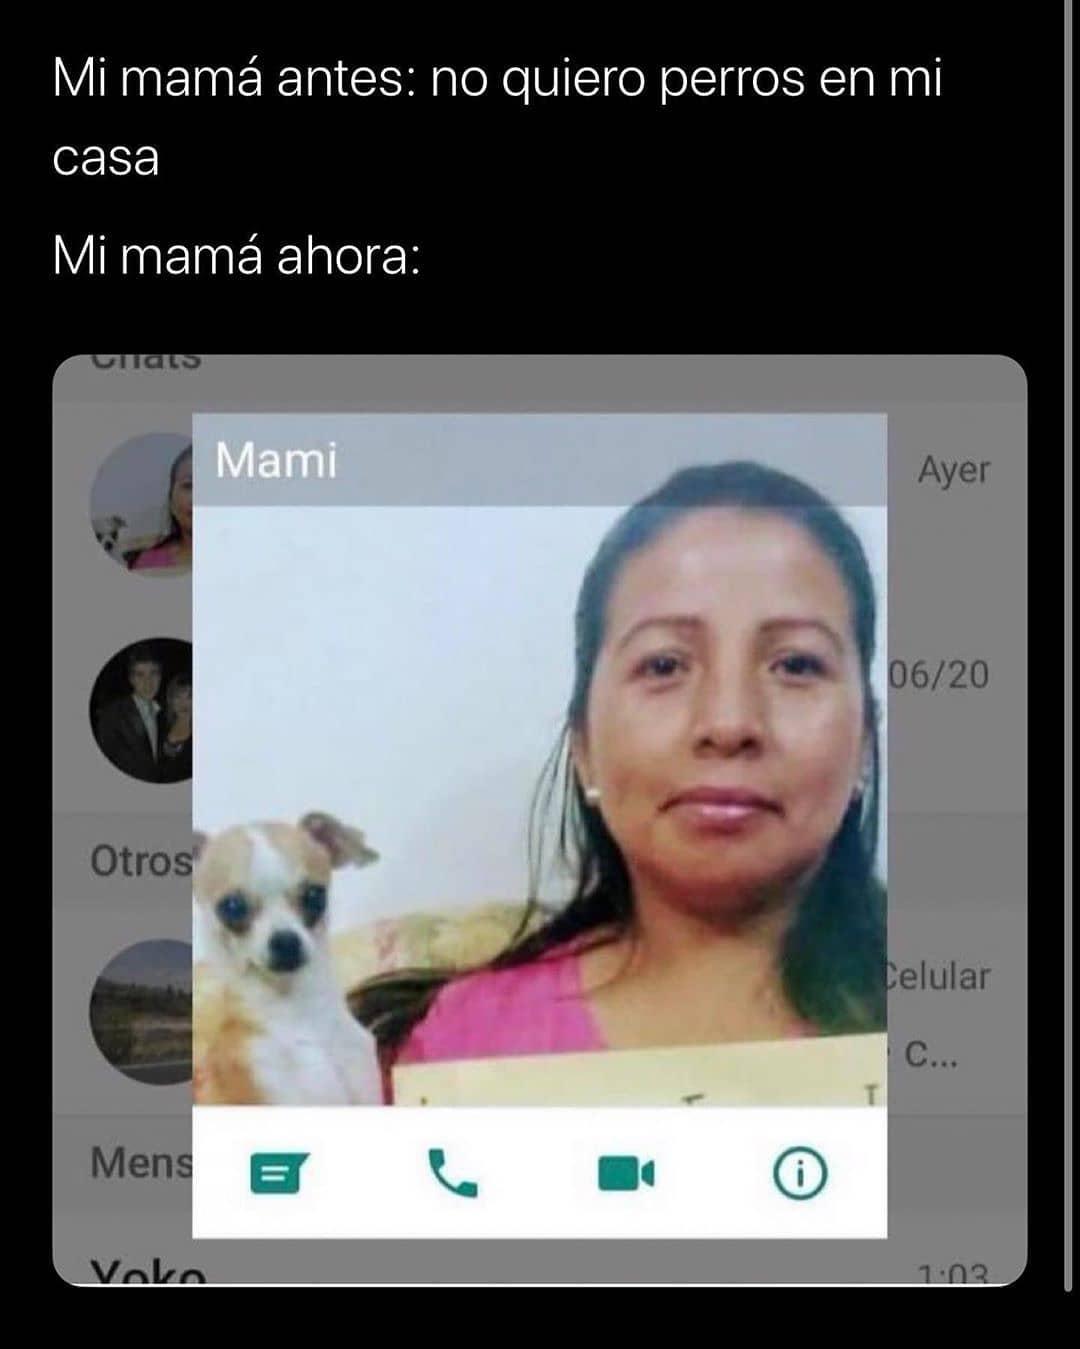 Mi mamá antes: no quiero perros en mi casa.  Mi mamá ahora: